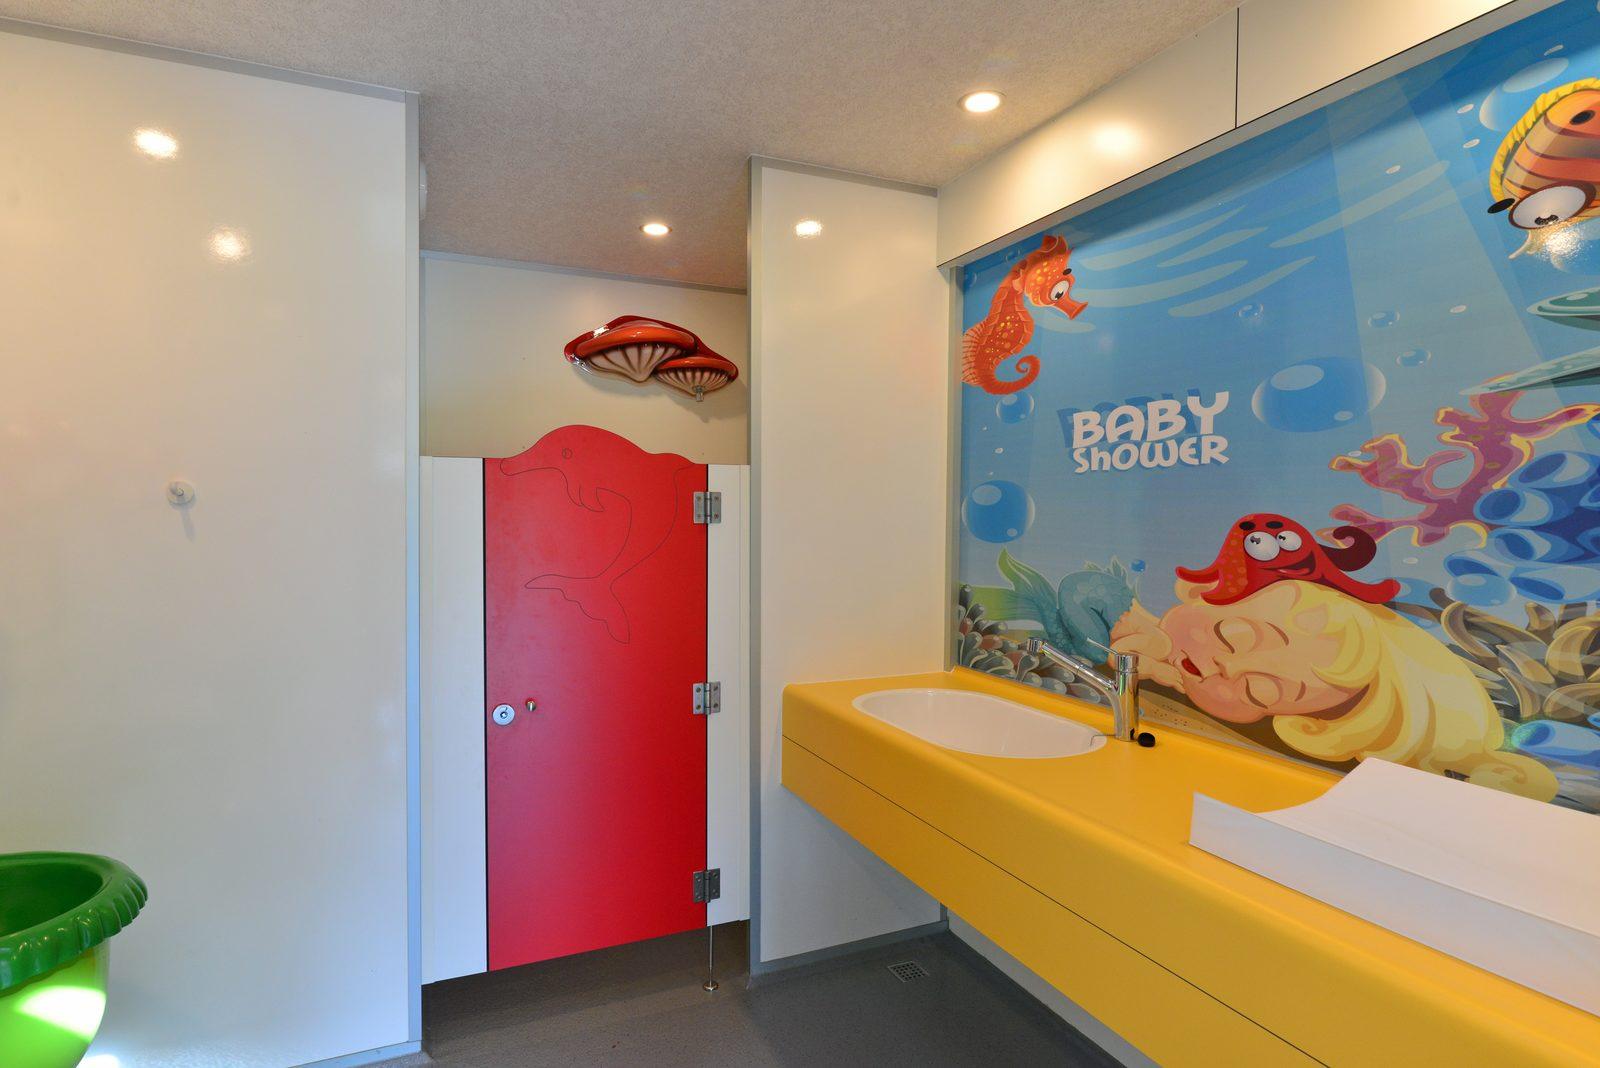 Kindgerechtes Dusch- und Toilettengebäude